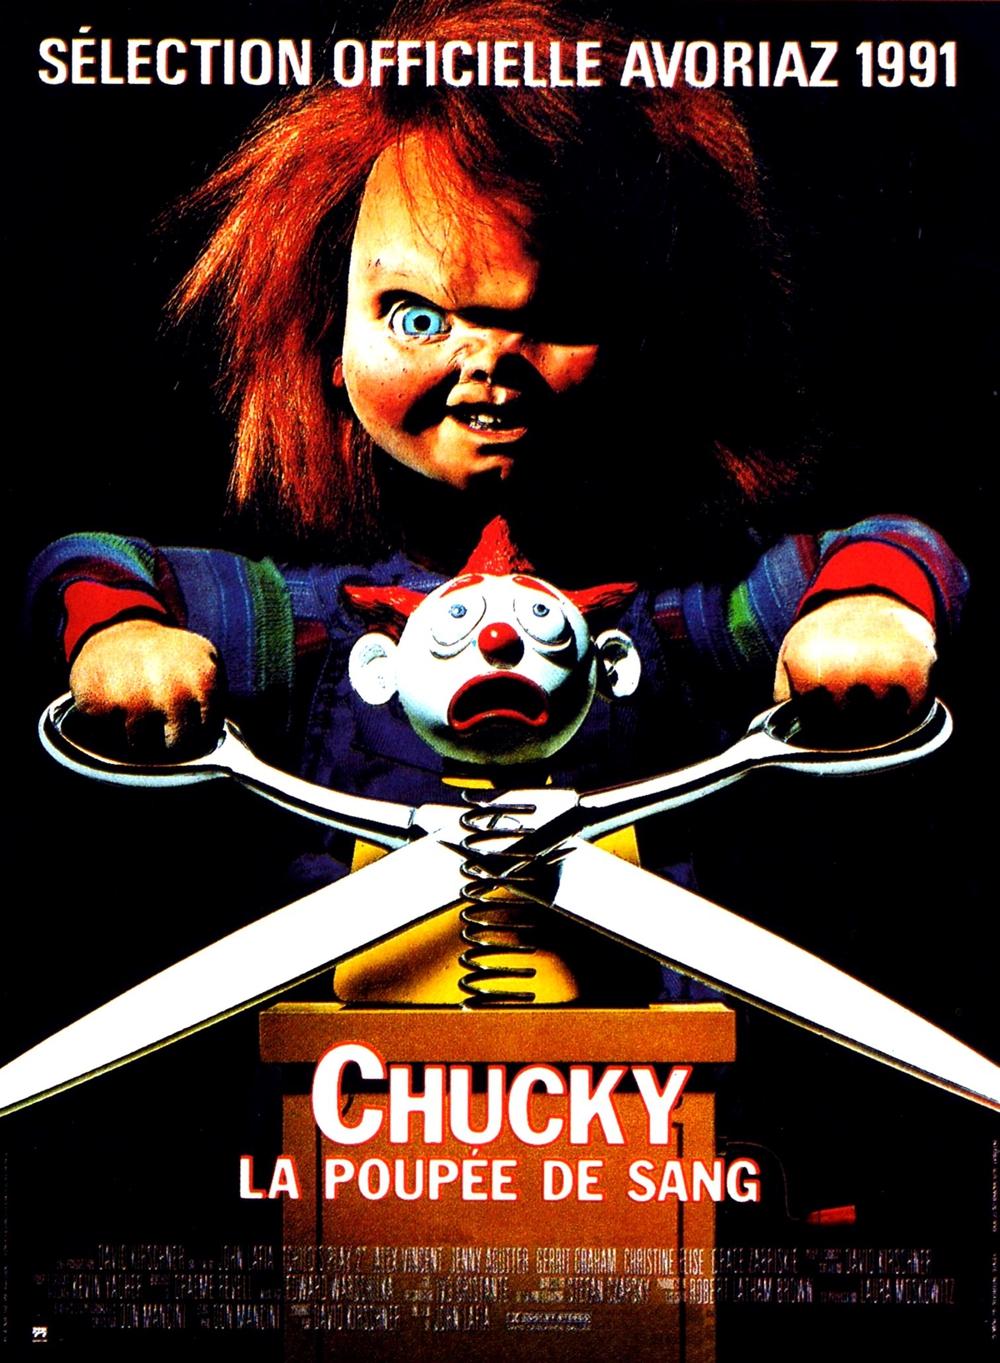 affiche du film Chucky, la poupée de sang